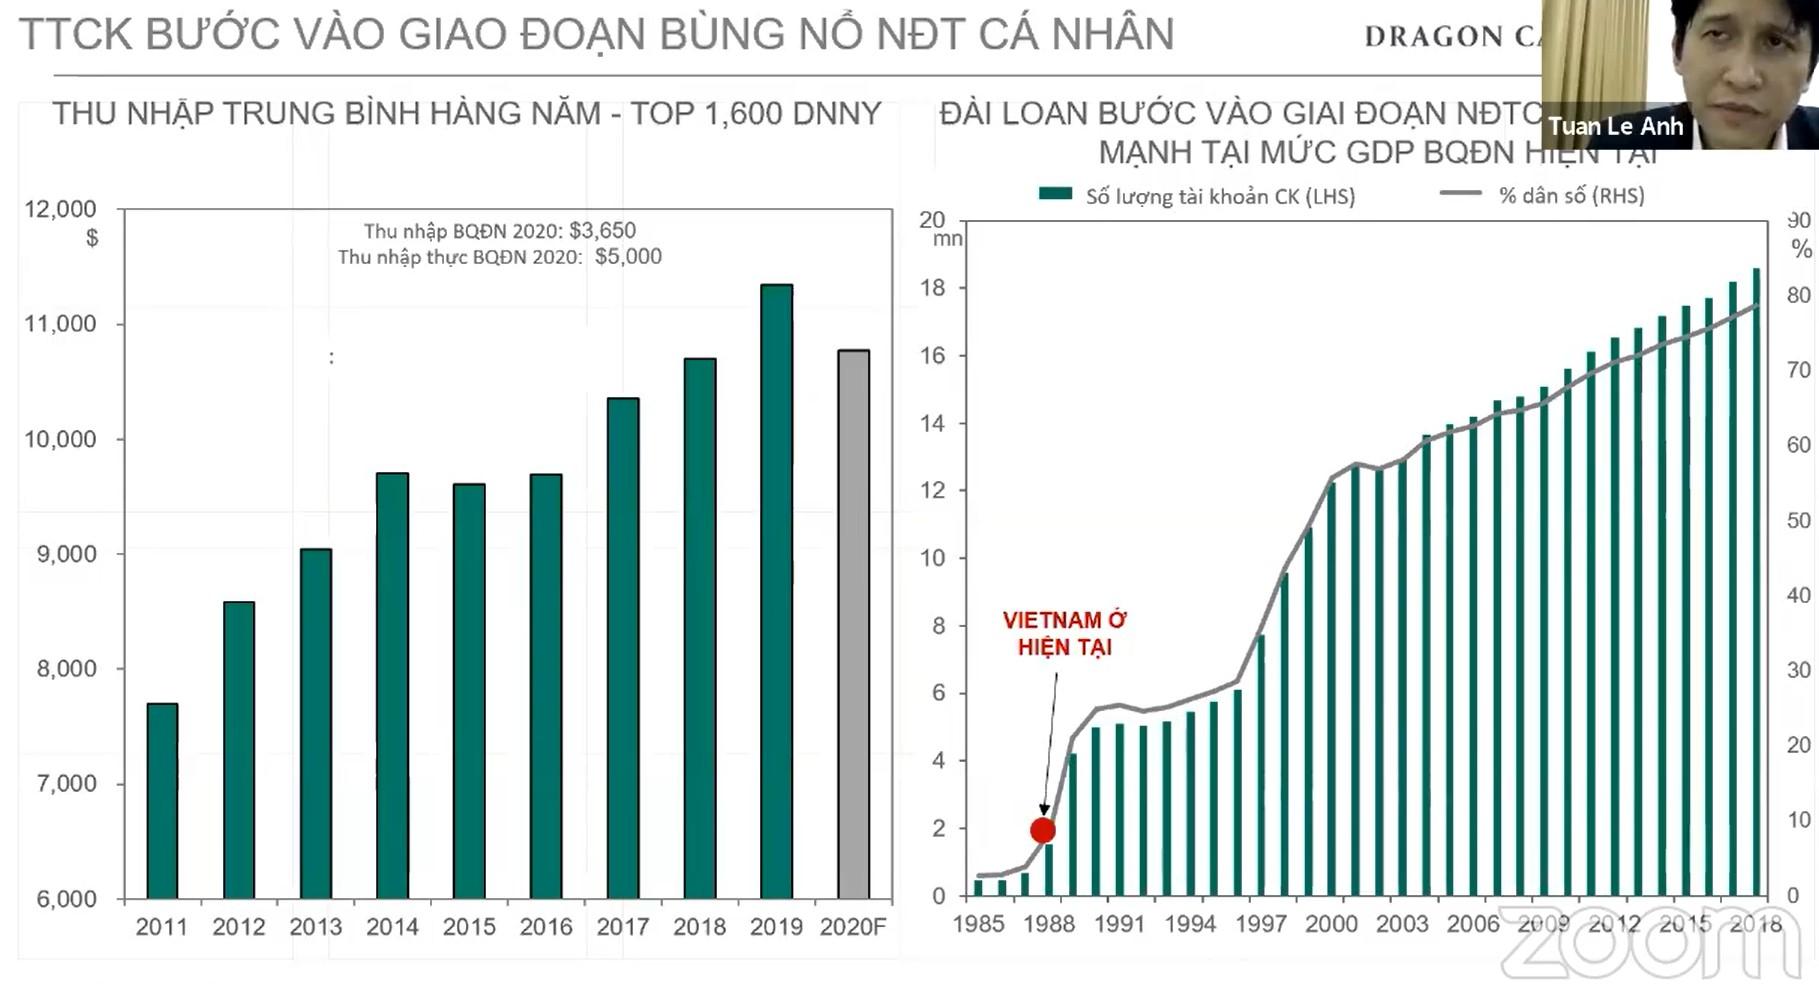 Dragon Capital: TTCK bùng nổ NĐT cá nhân, cho vay margin tăng thêm 30.000 tỷ đồng năm 2021 - Ảnh 2.